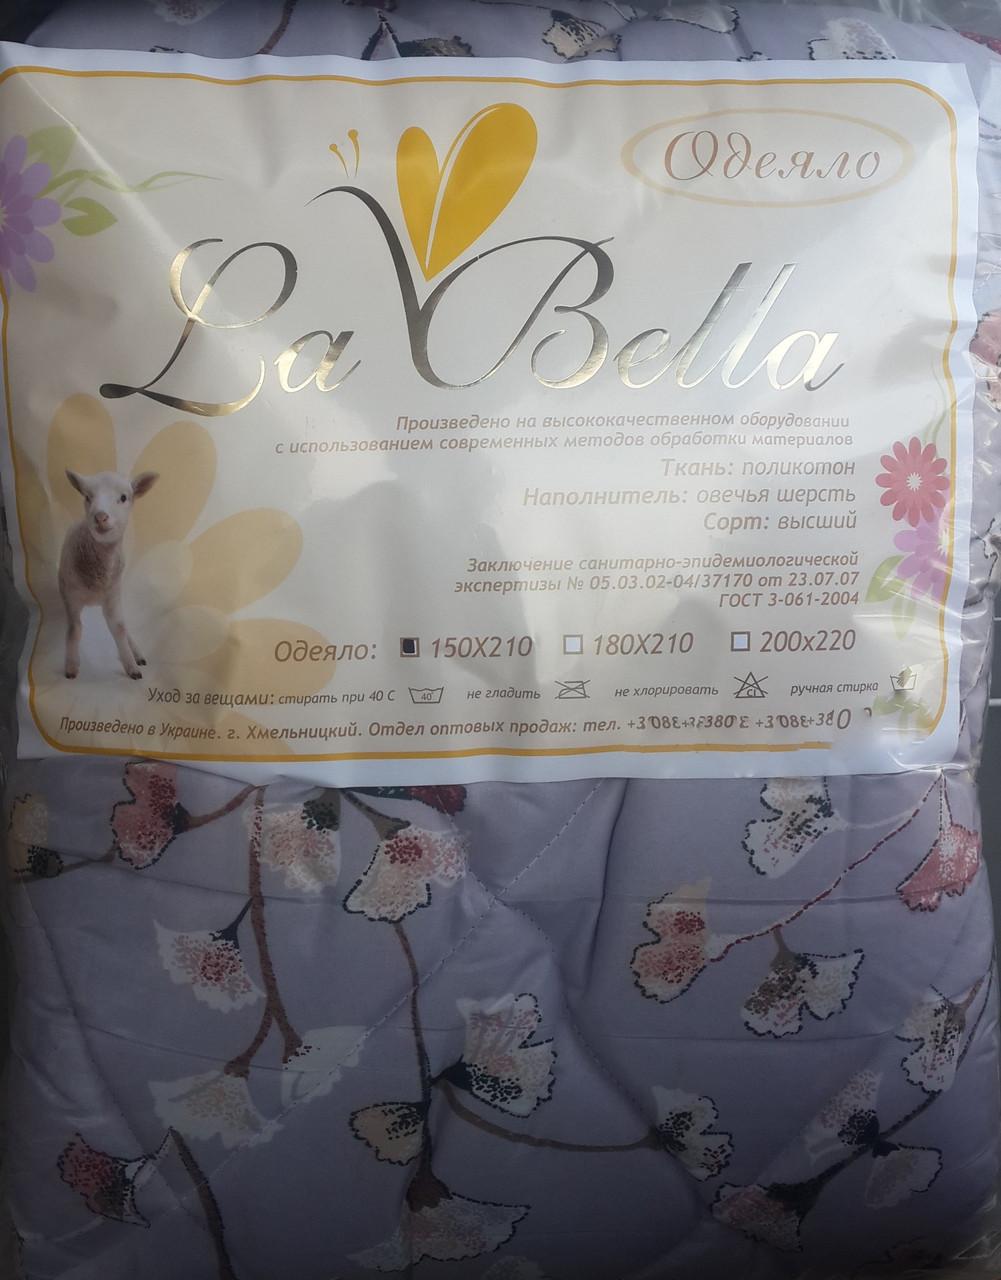 Качественное одеяло с овечьей шерсти полуторное La Bella в асортименте